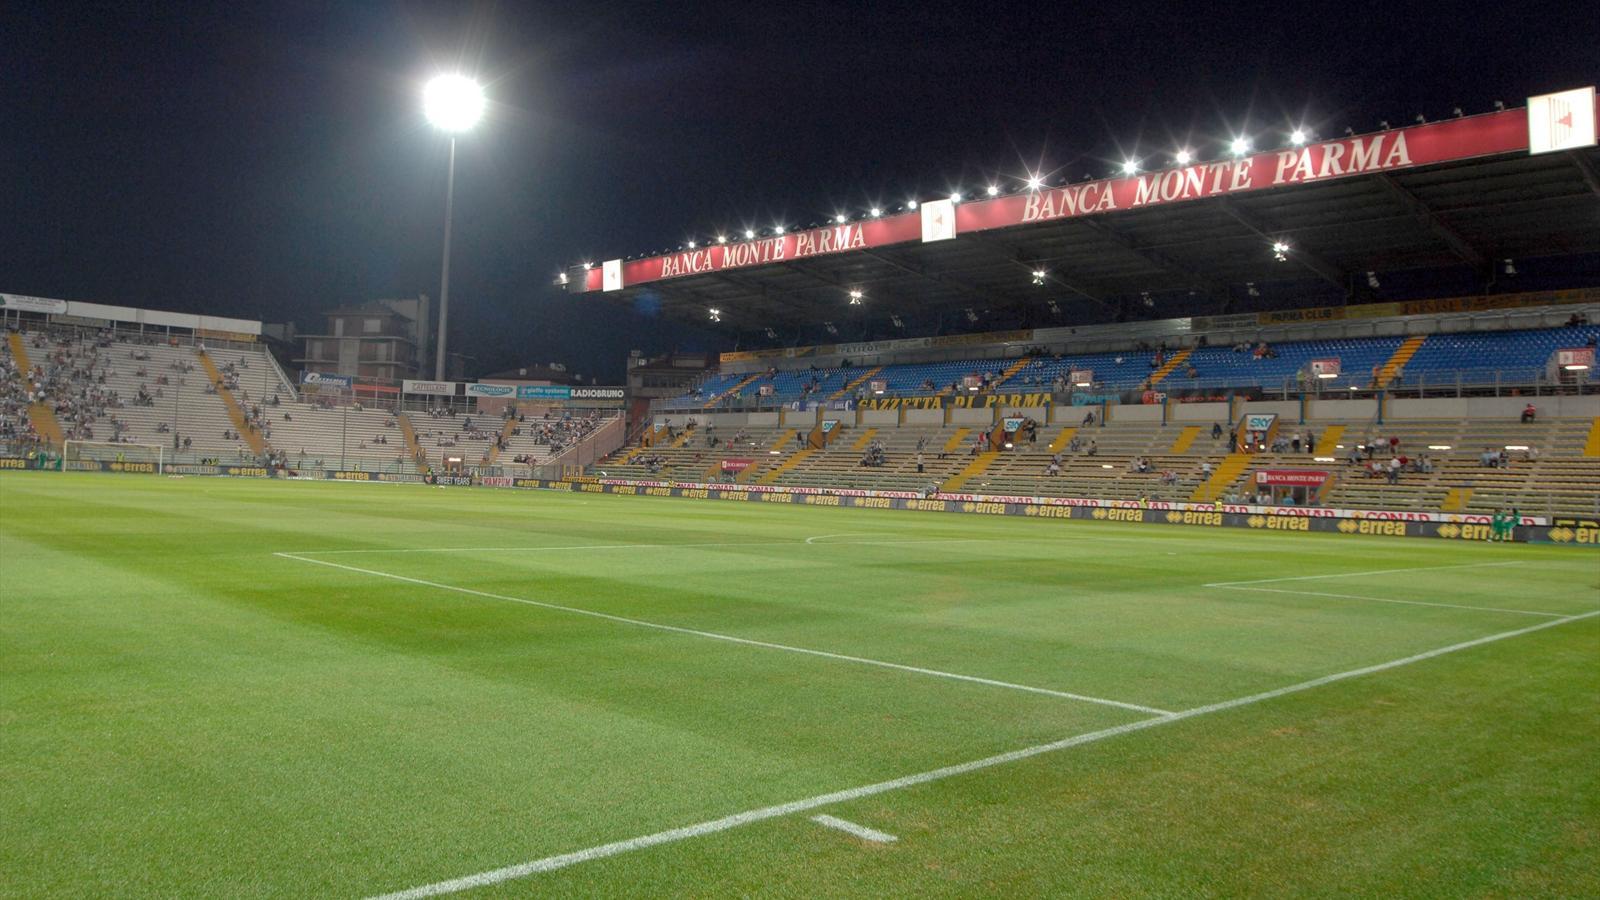 LIVE Parma - Brescia - Serie A - 22 dicembre 2019